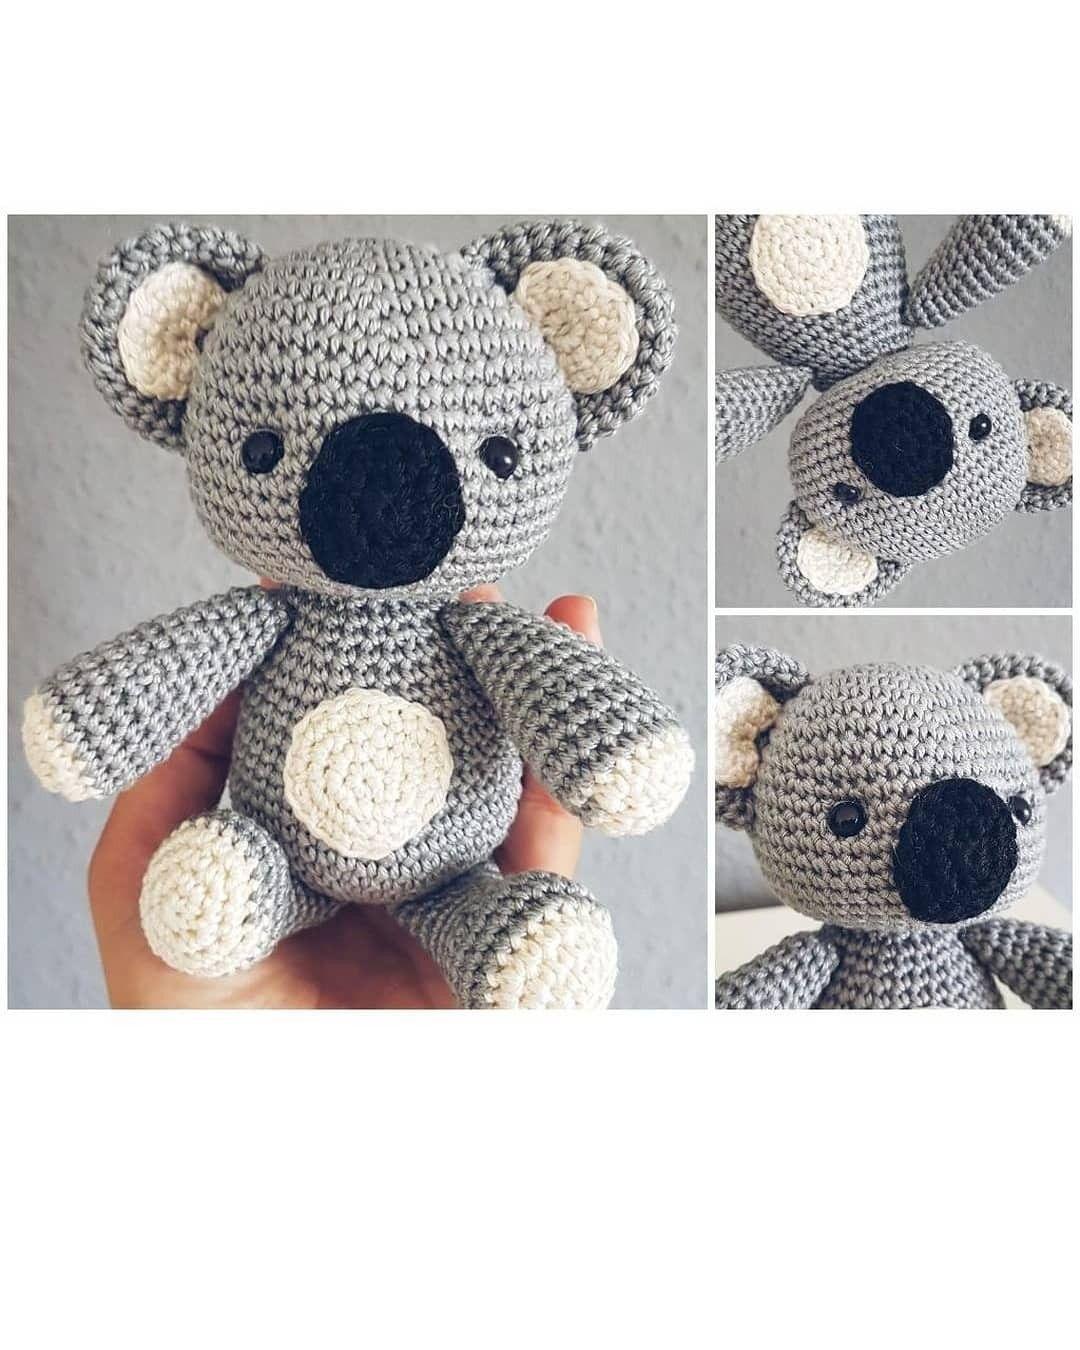 Cute Koala amigurumi crochet pattern PDF | Crochet patterns ... | 1350x1080